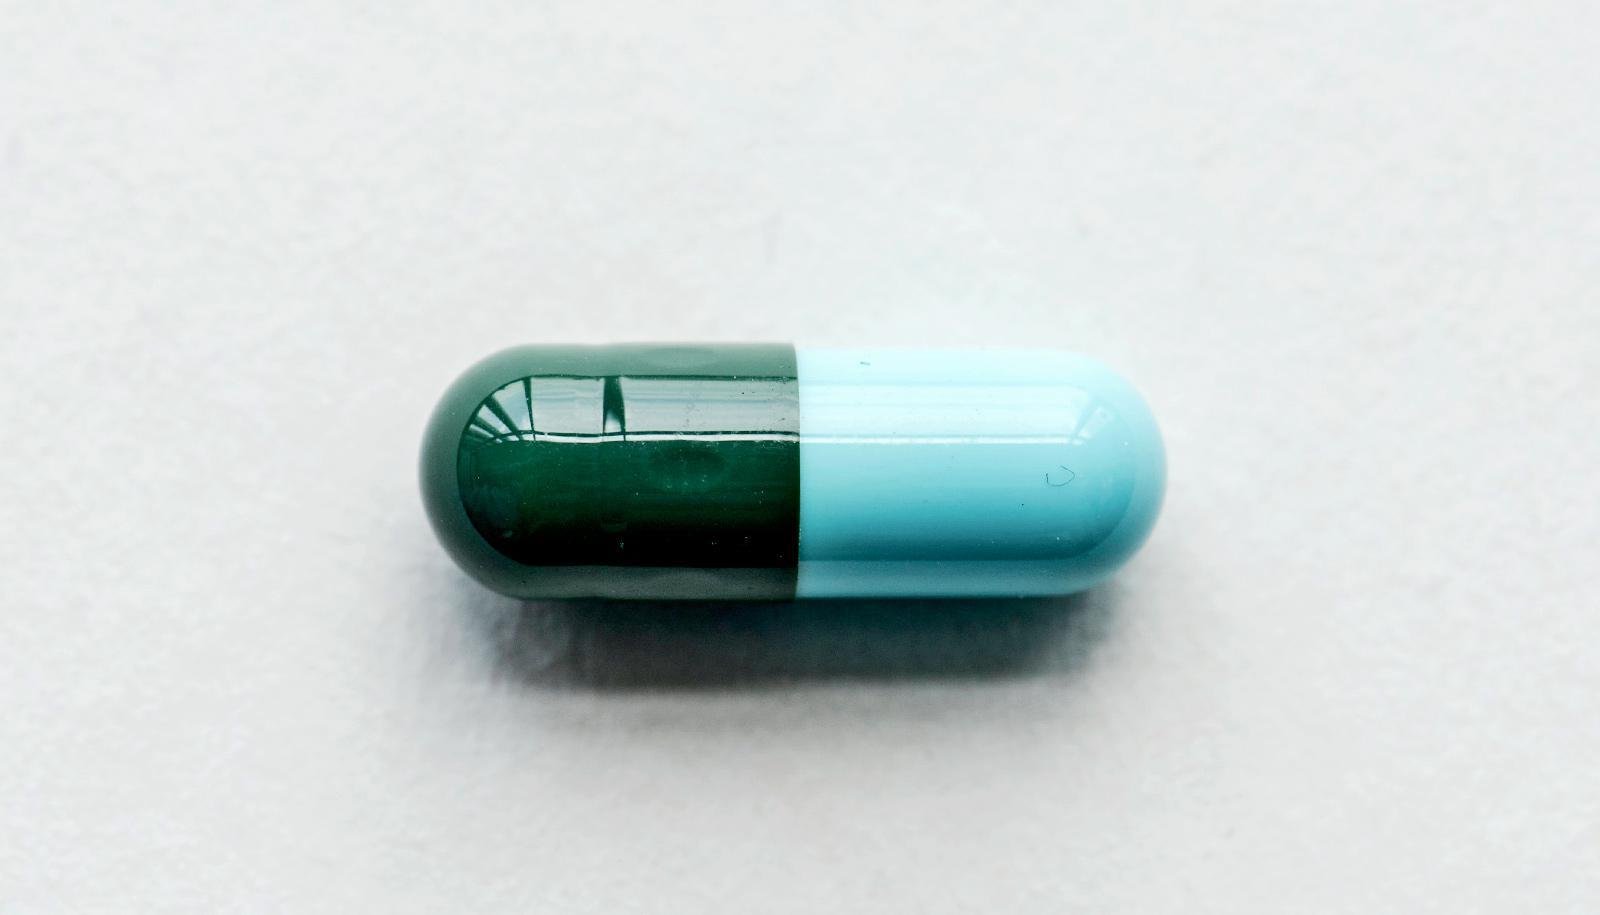 green-blue pill on white - chronic kidney disease